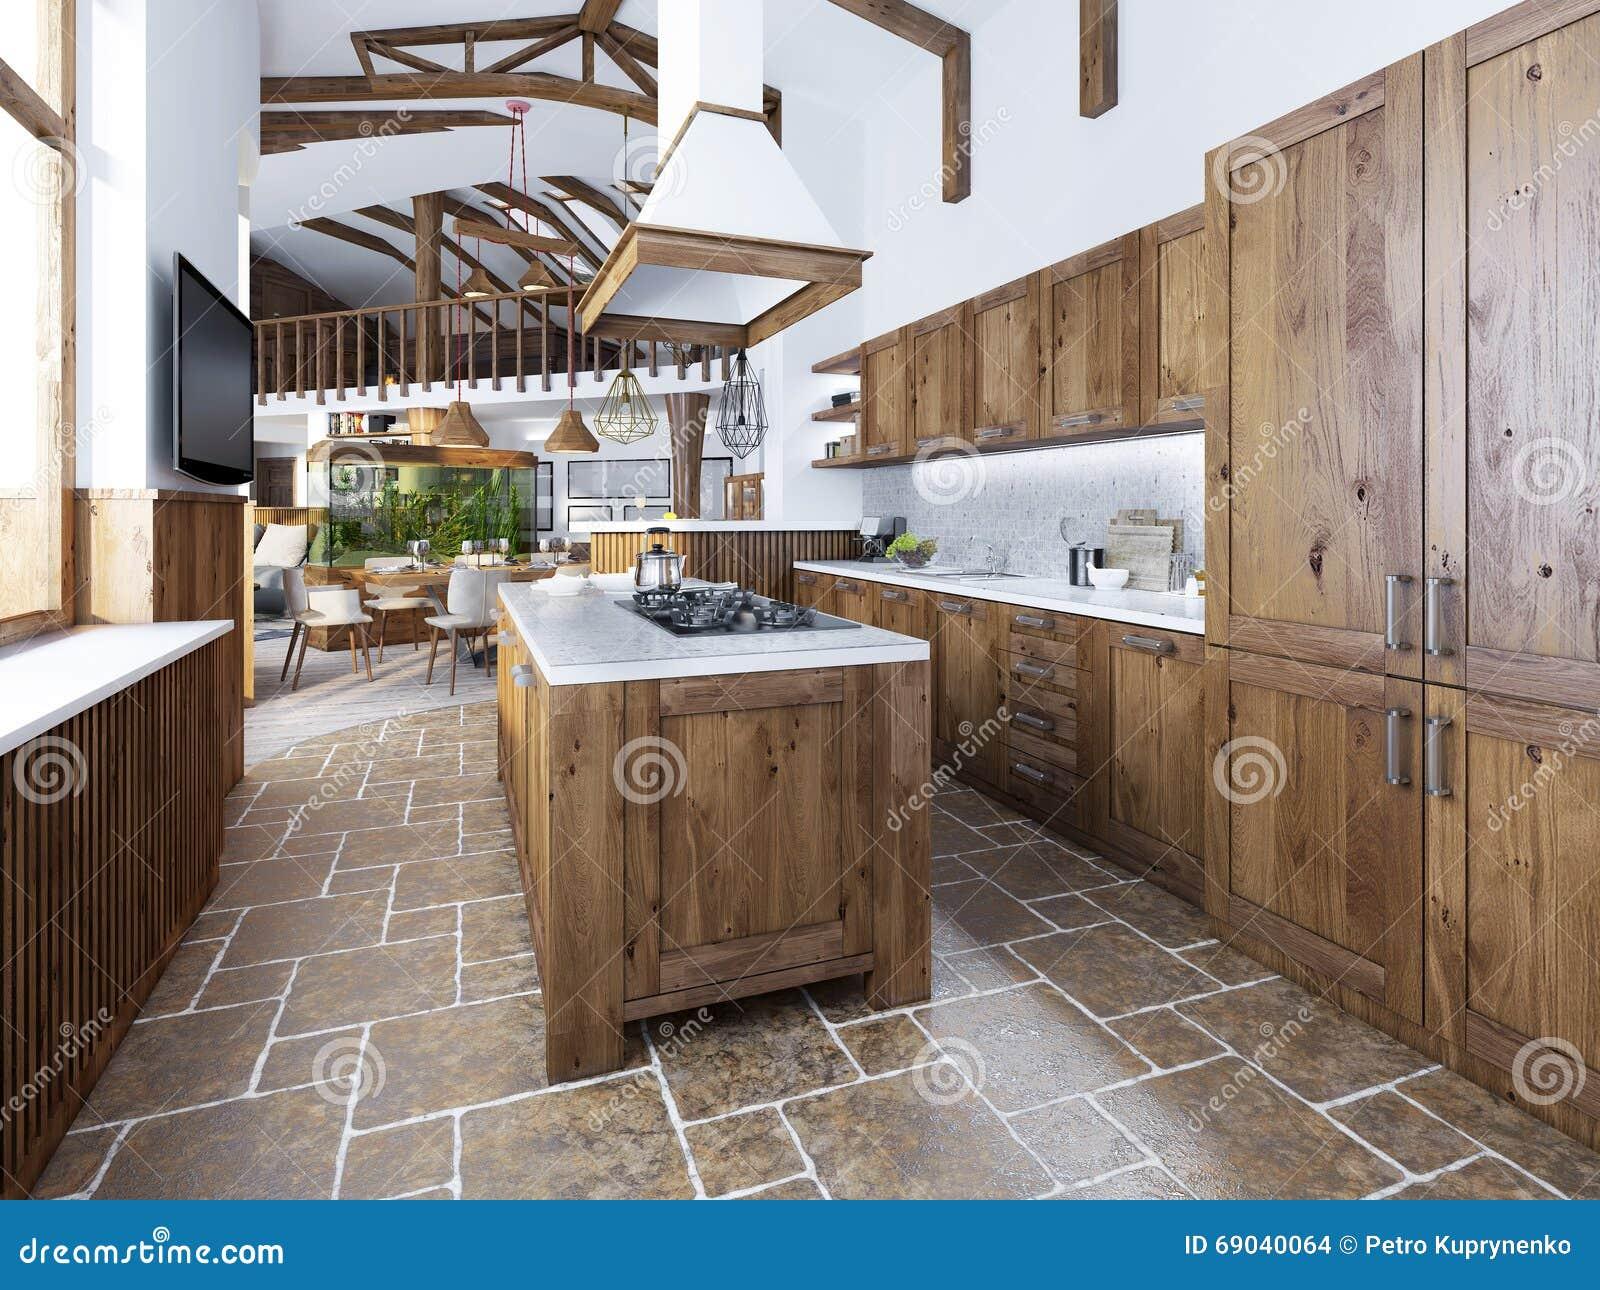 Cozinha Com Ilha No Meio Cozinha Com Ilha Cozinha Com Ilha E Mesa